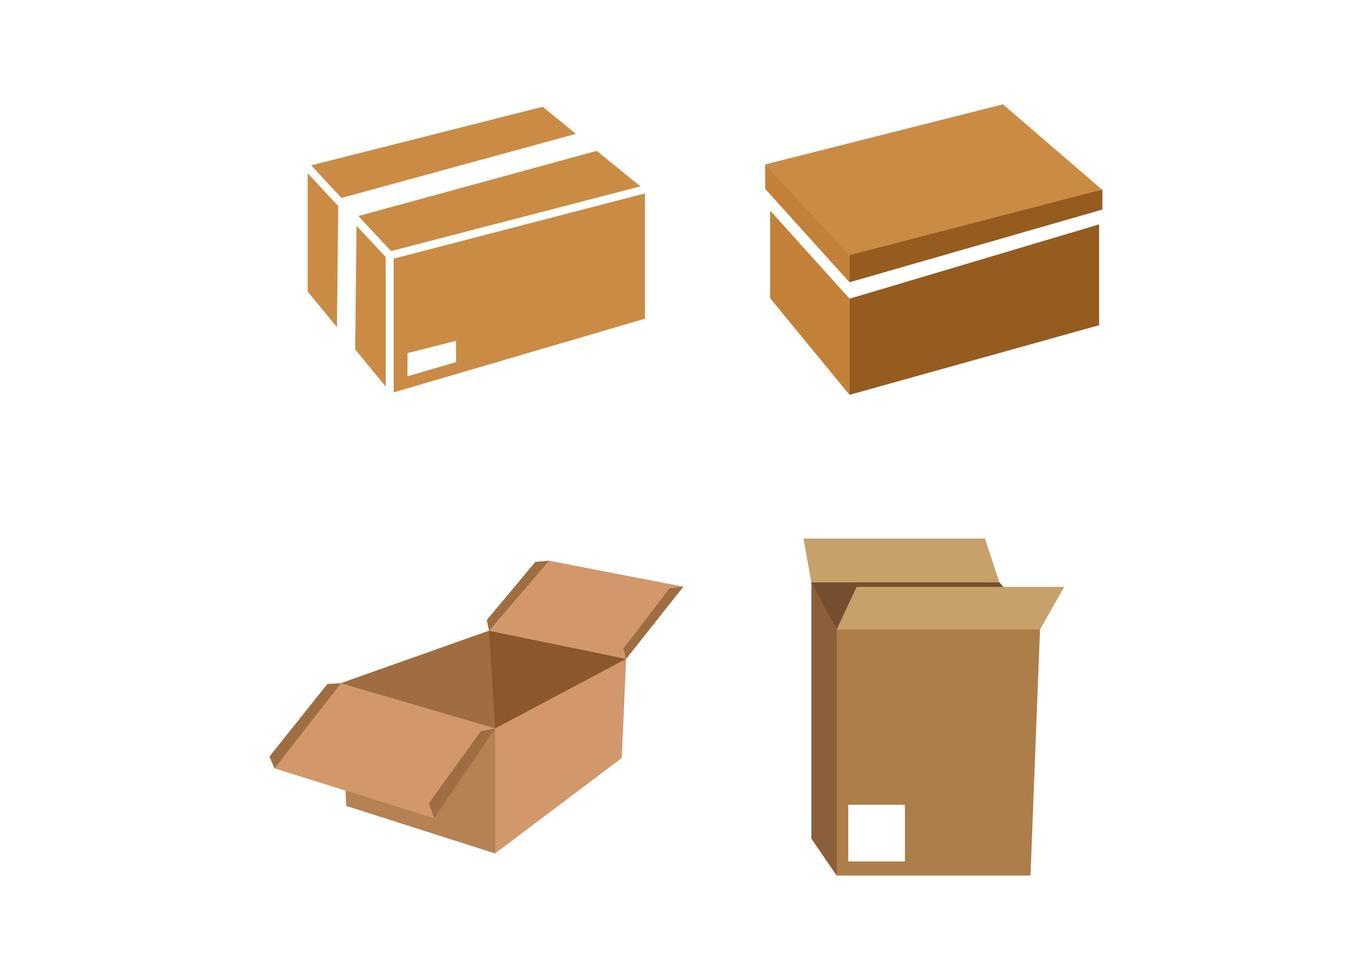 verpakking vak pictogram ontwerpset vector